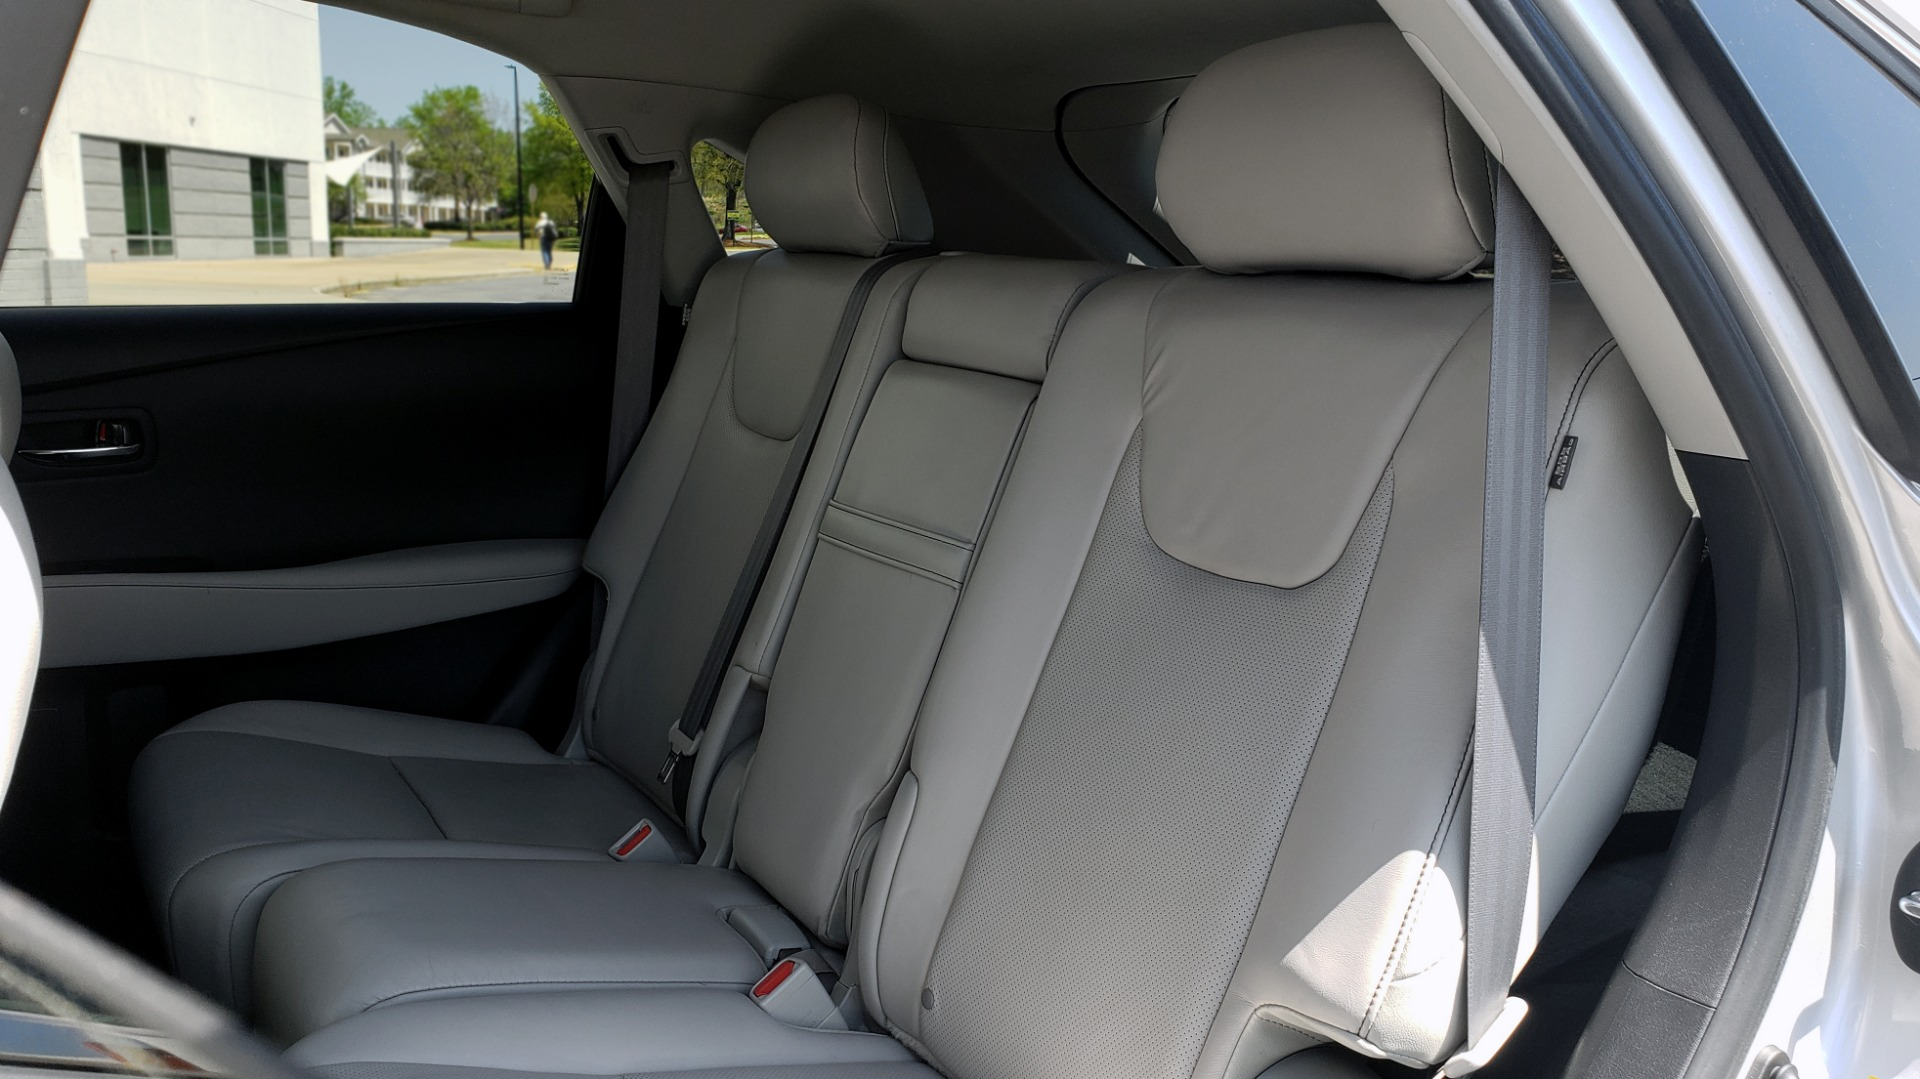 Used 2015 Lexus RX 450H AWD / PREM PKG / NAV / PARK ASST / HUD / BLIND SPOT MONITOR for sale Sold at Formula Imports in Charlotte NC 28227 67